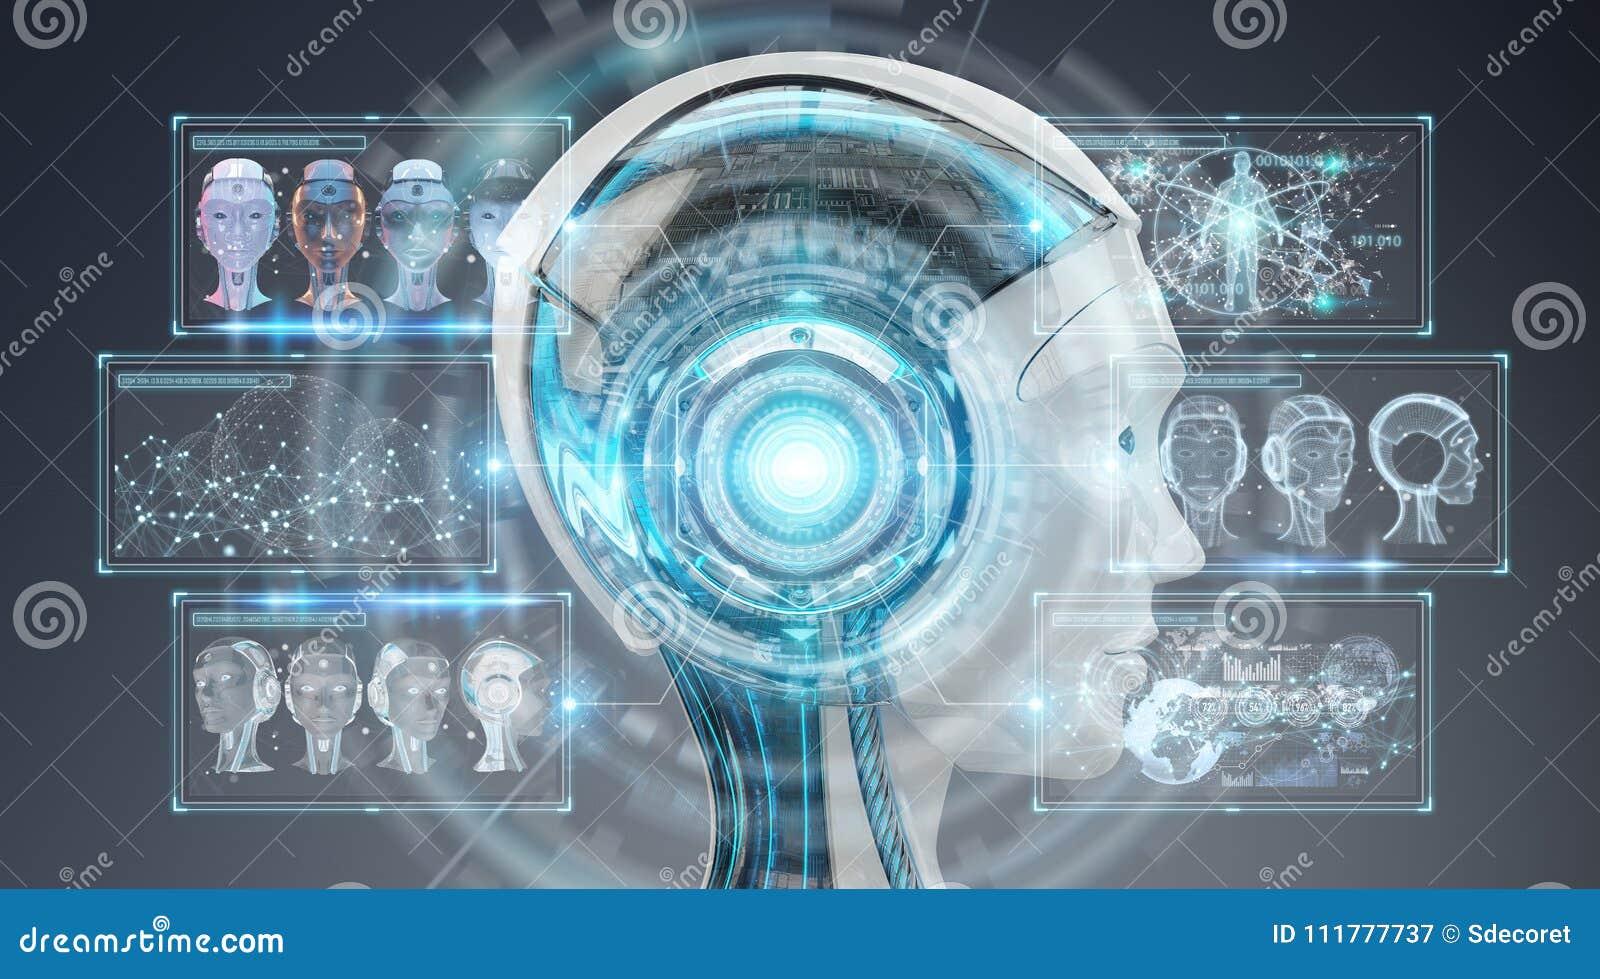 数字式人工智能靠机械装置维持生命的人接口3D翻译